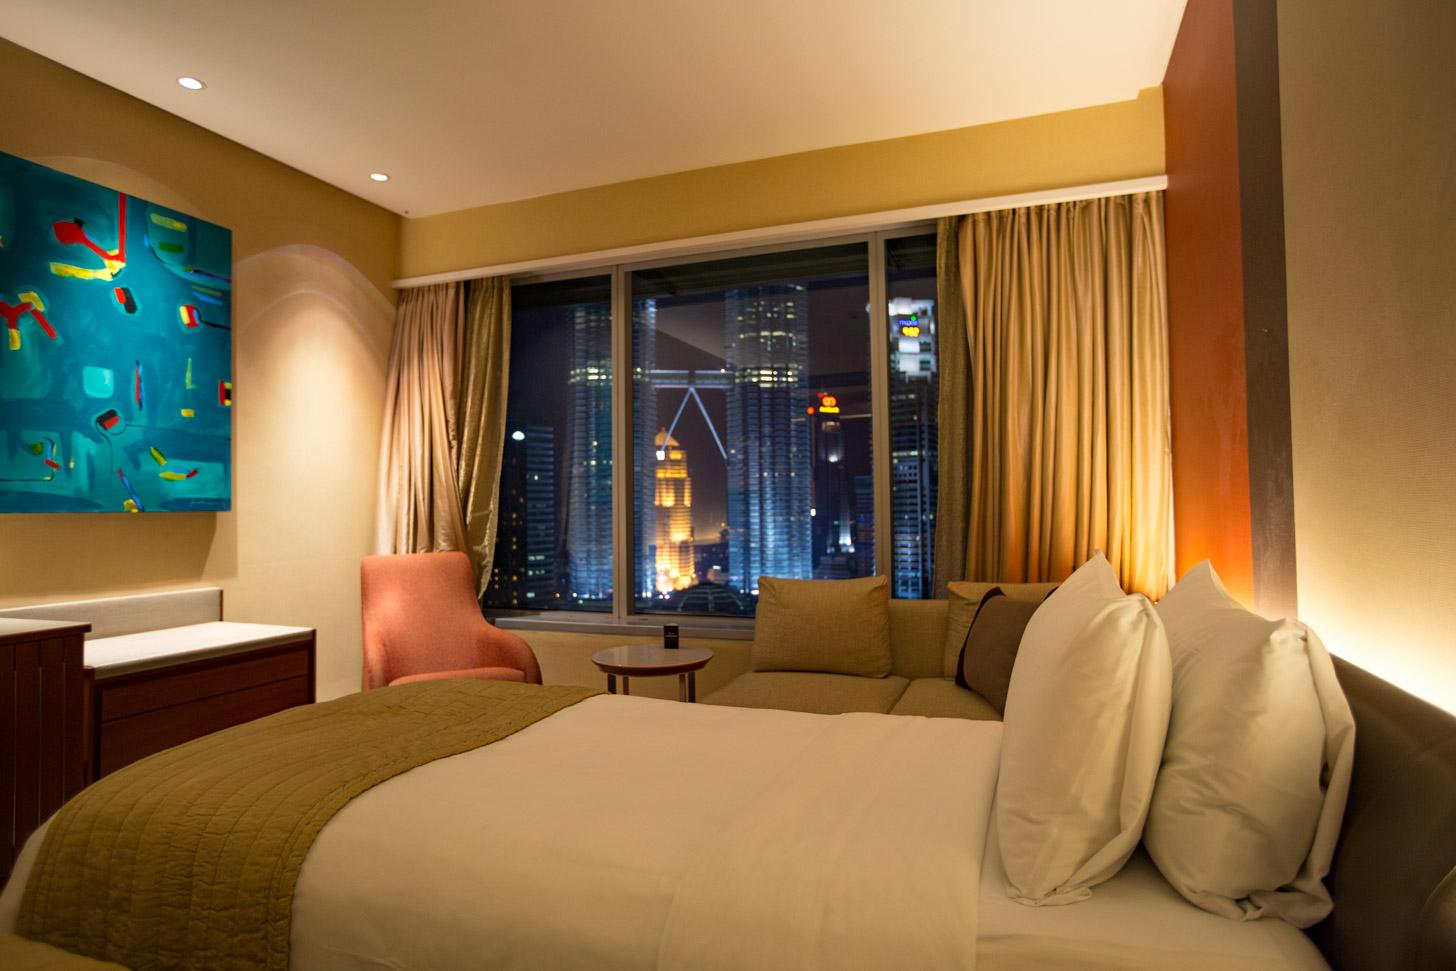 Kamer in het Traders Hotel met uitzicht op de Twin Towers